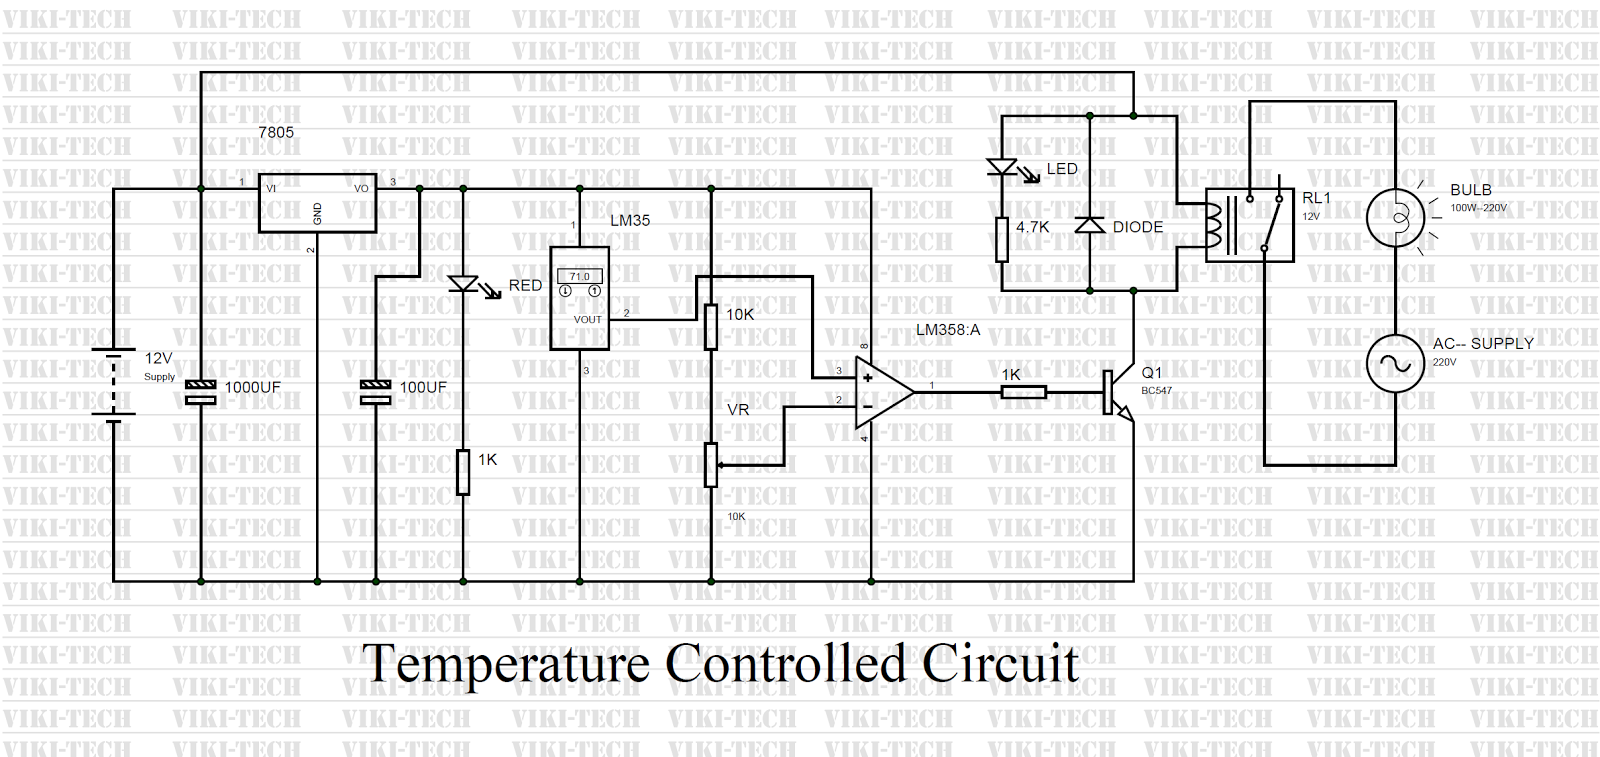 temperature controlled circuit diagram  [ 1600 x 757 Pixel ]